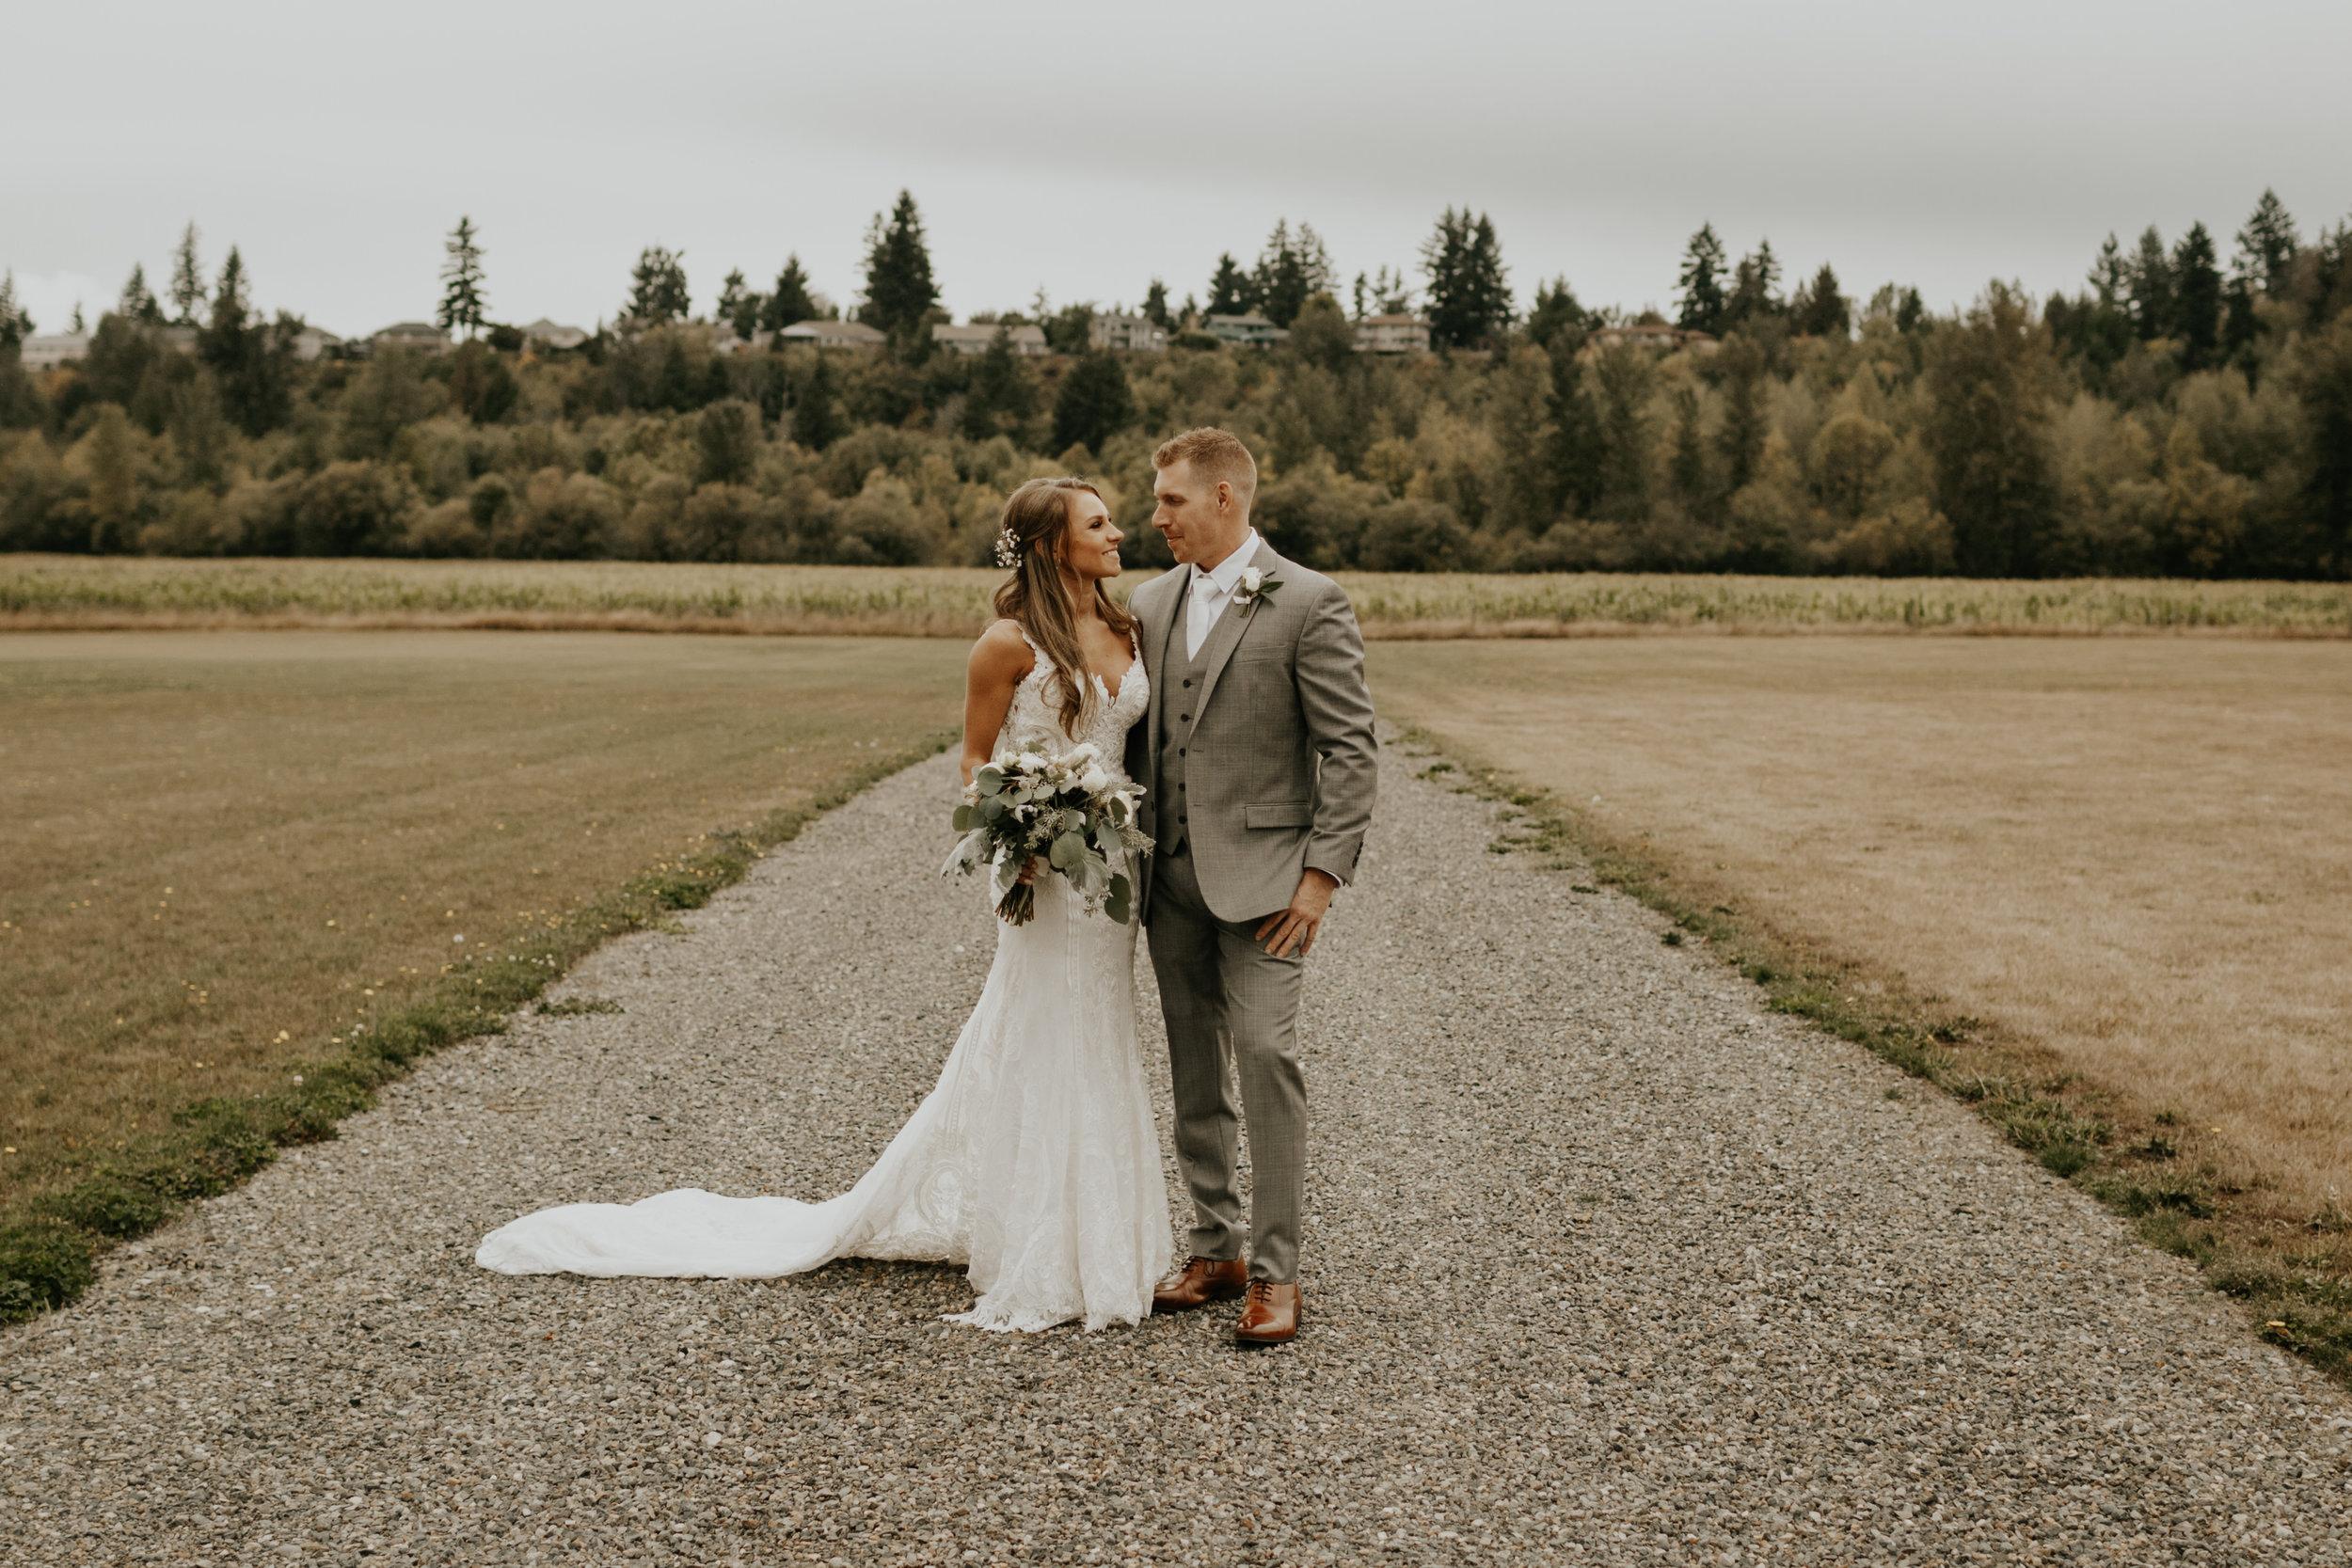 ginapaulson_katjohn_wedding-264.jpg